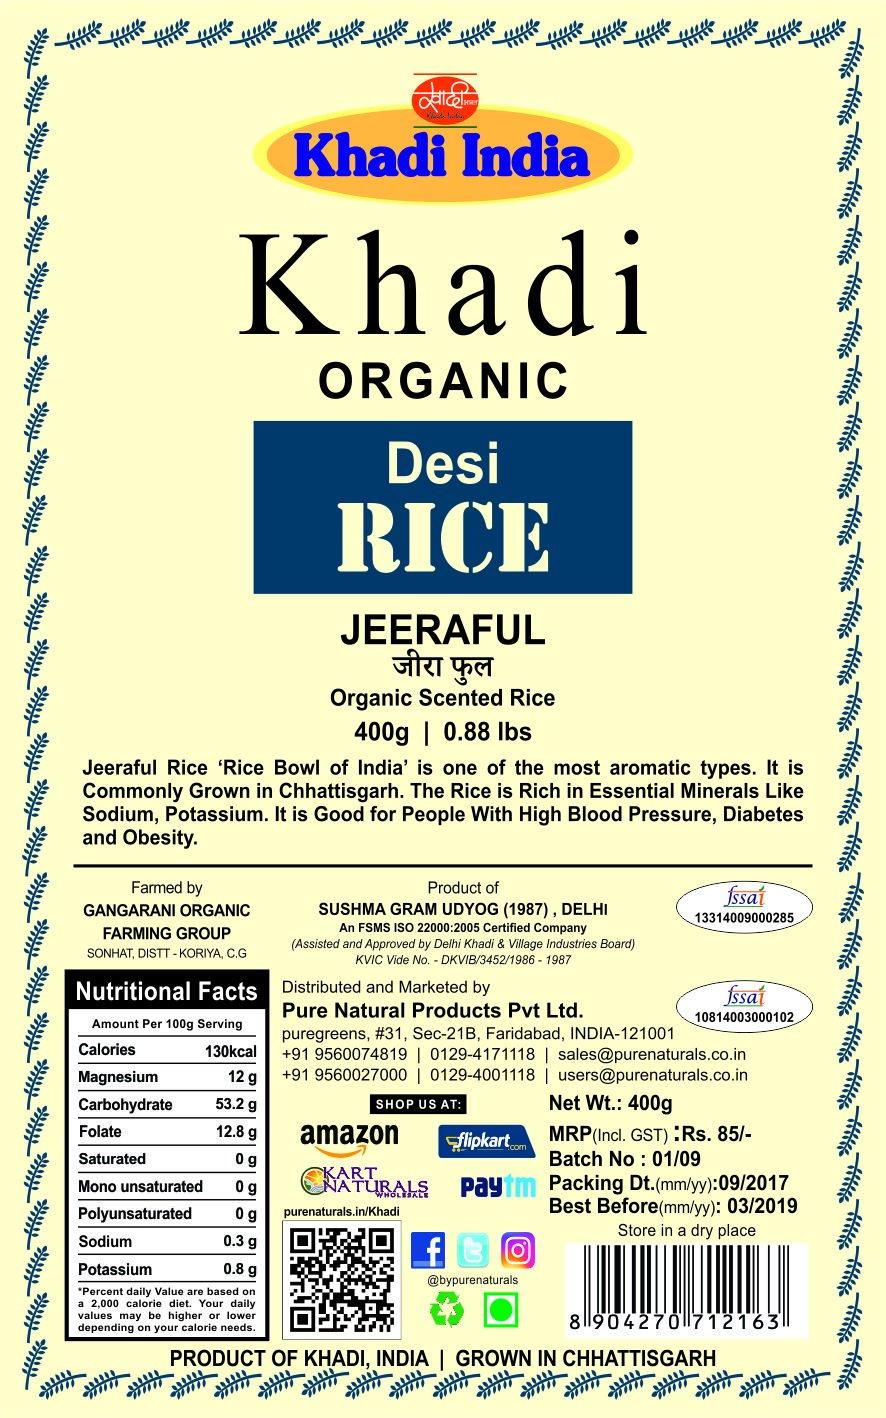 Harga Pure Green Beras Organik 1kg Multi Ethnic Termurah 2018 Tang Ampere Fluke 376 With Ifex Puregreen Organic Fragrance Rice Daftar Terbaru Dan Khadi